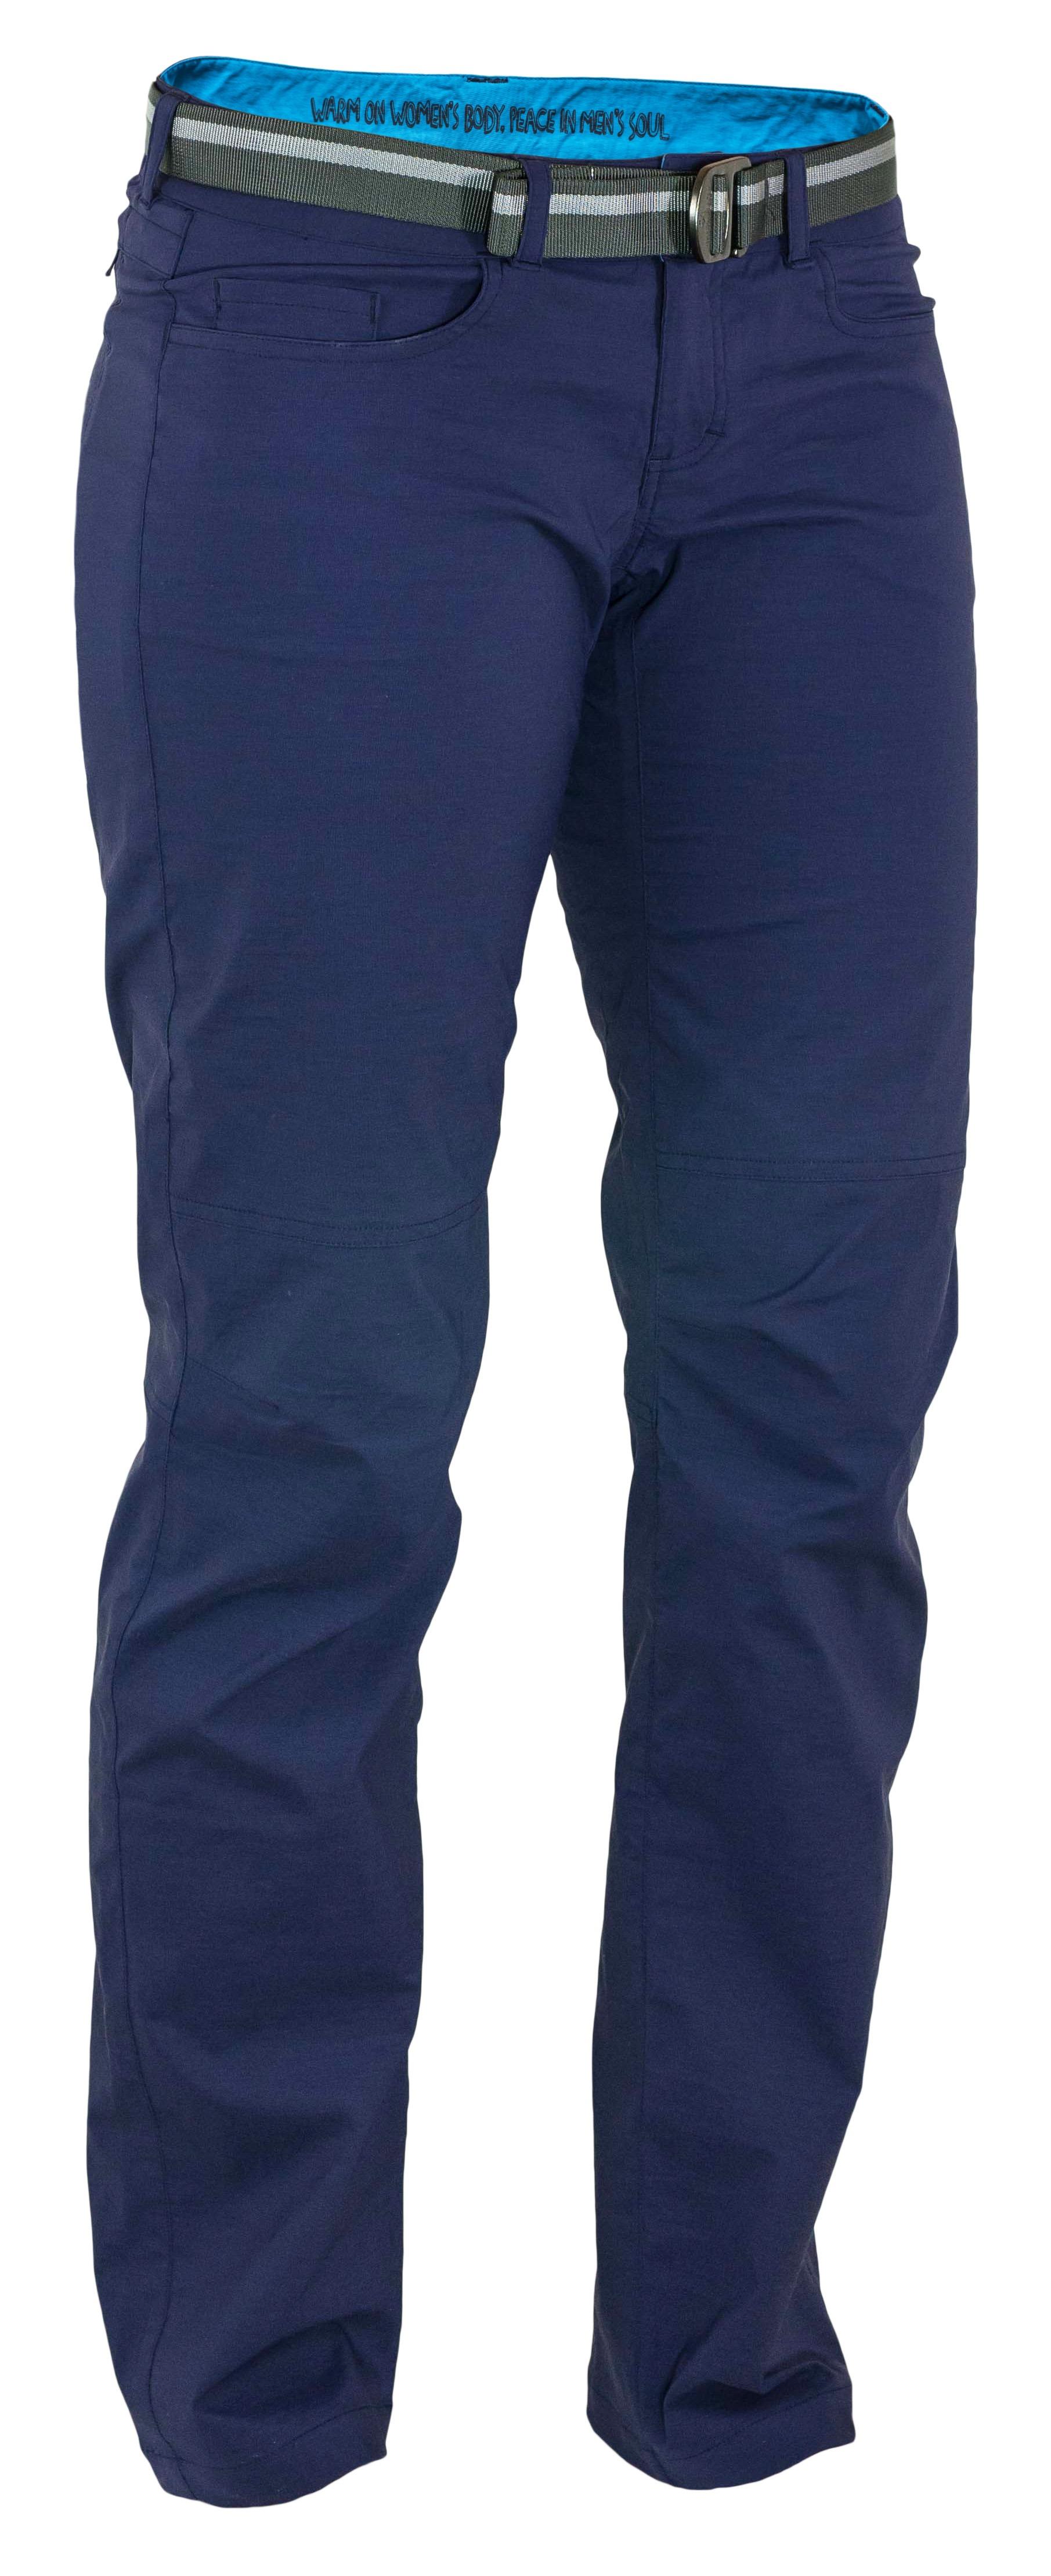 Pantaloni Warmpeace Atlanta Lady - Navy